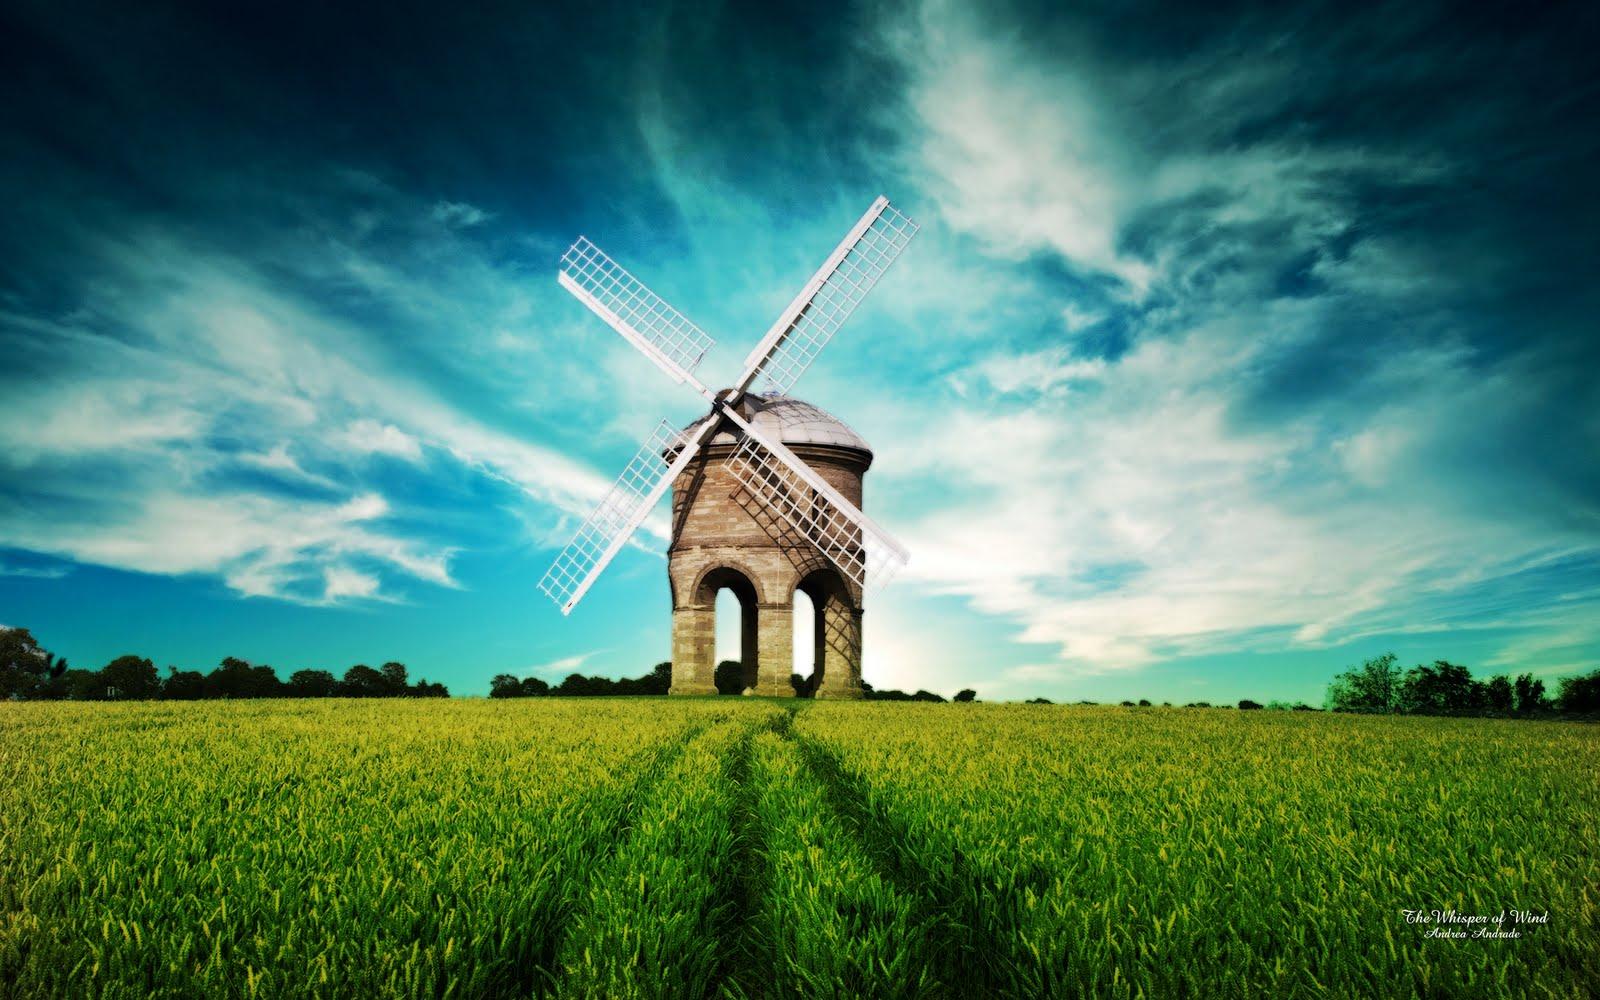 http://1.bp.blogspot.com/--3aL0A63Q7w/Tf_YyTR28KI/AAAAAAAAAN8/xnnQQXXbjIg/s1600/windmill.jpg